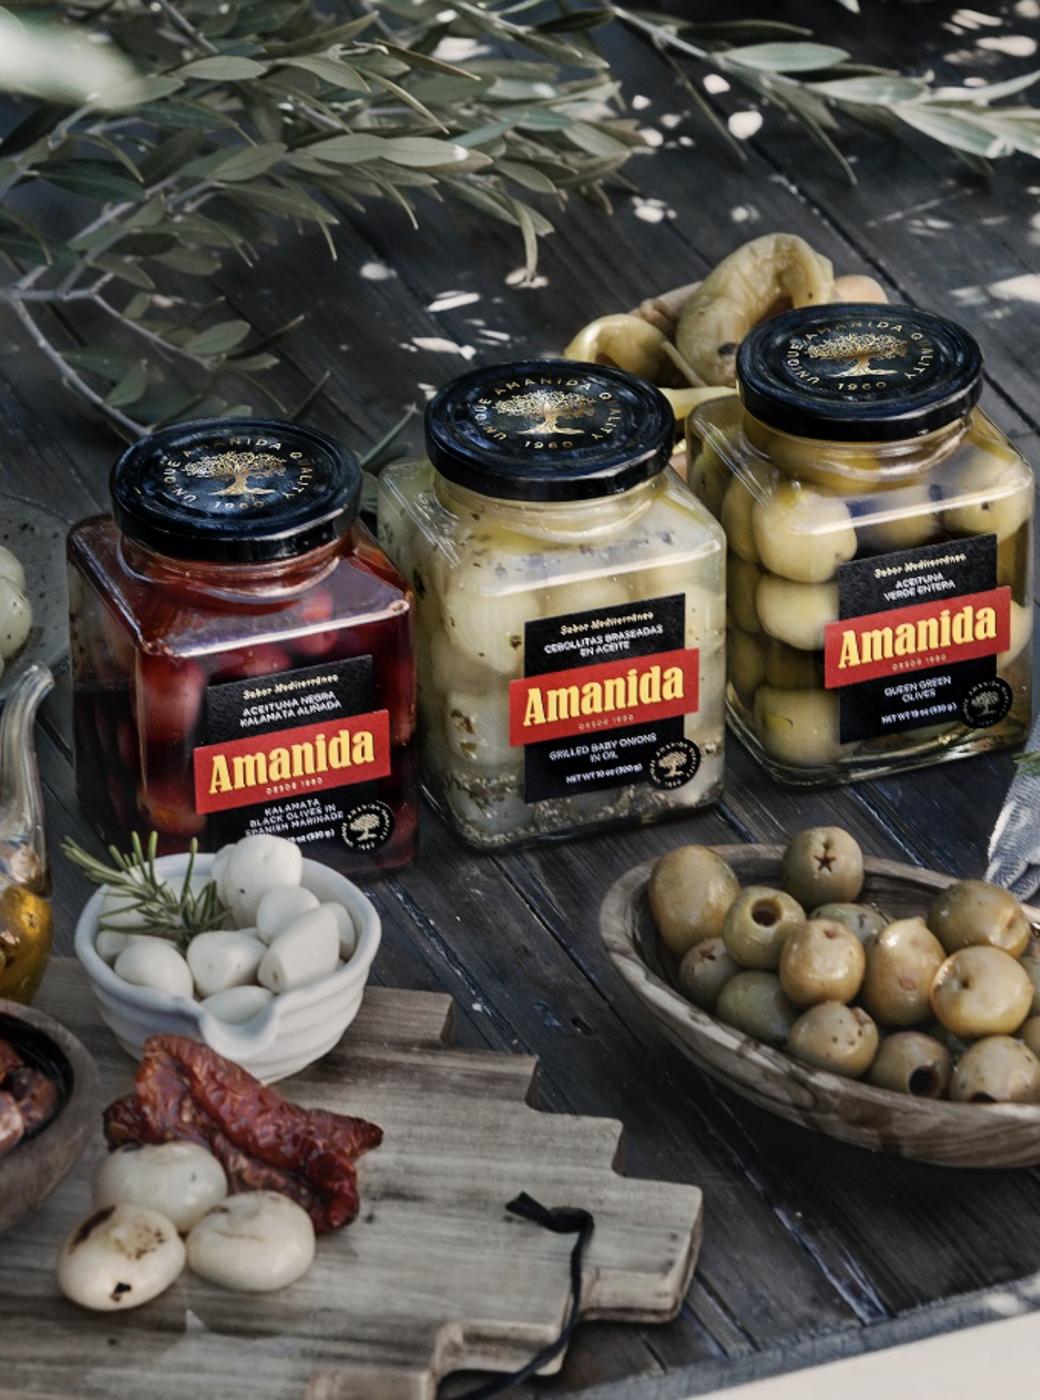 amanida-productos-LuxurySpain